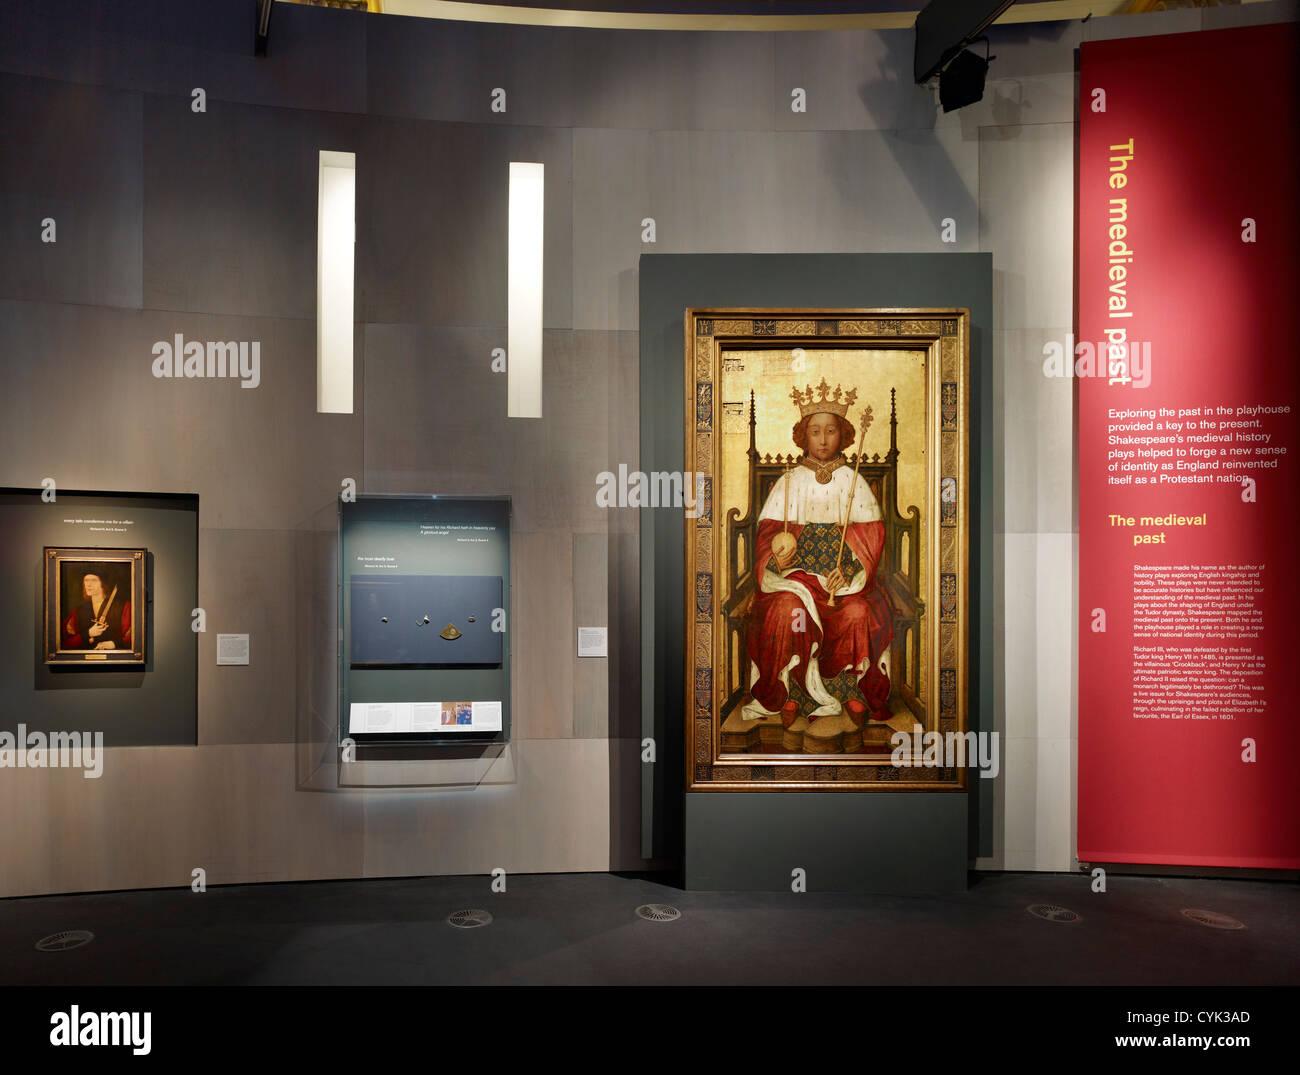 Shakespeare Staging the World Exhibtion, London, United Kingdom. Architect: RFK Architects, 2012. - Stock Image